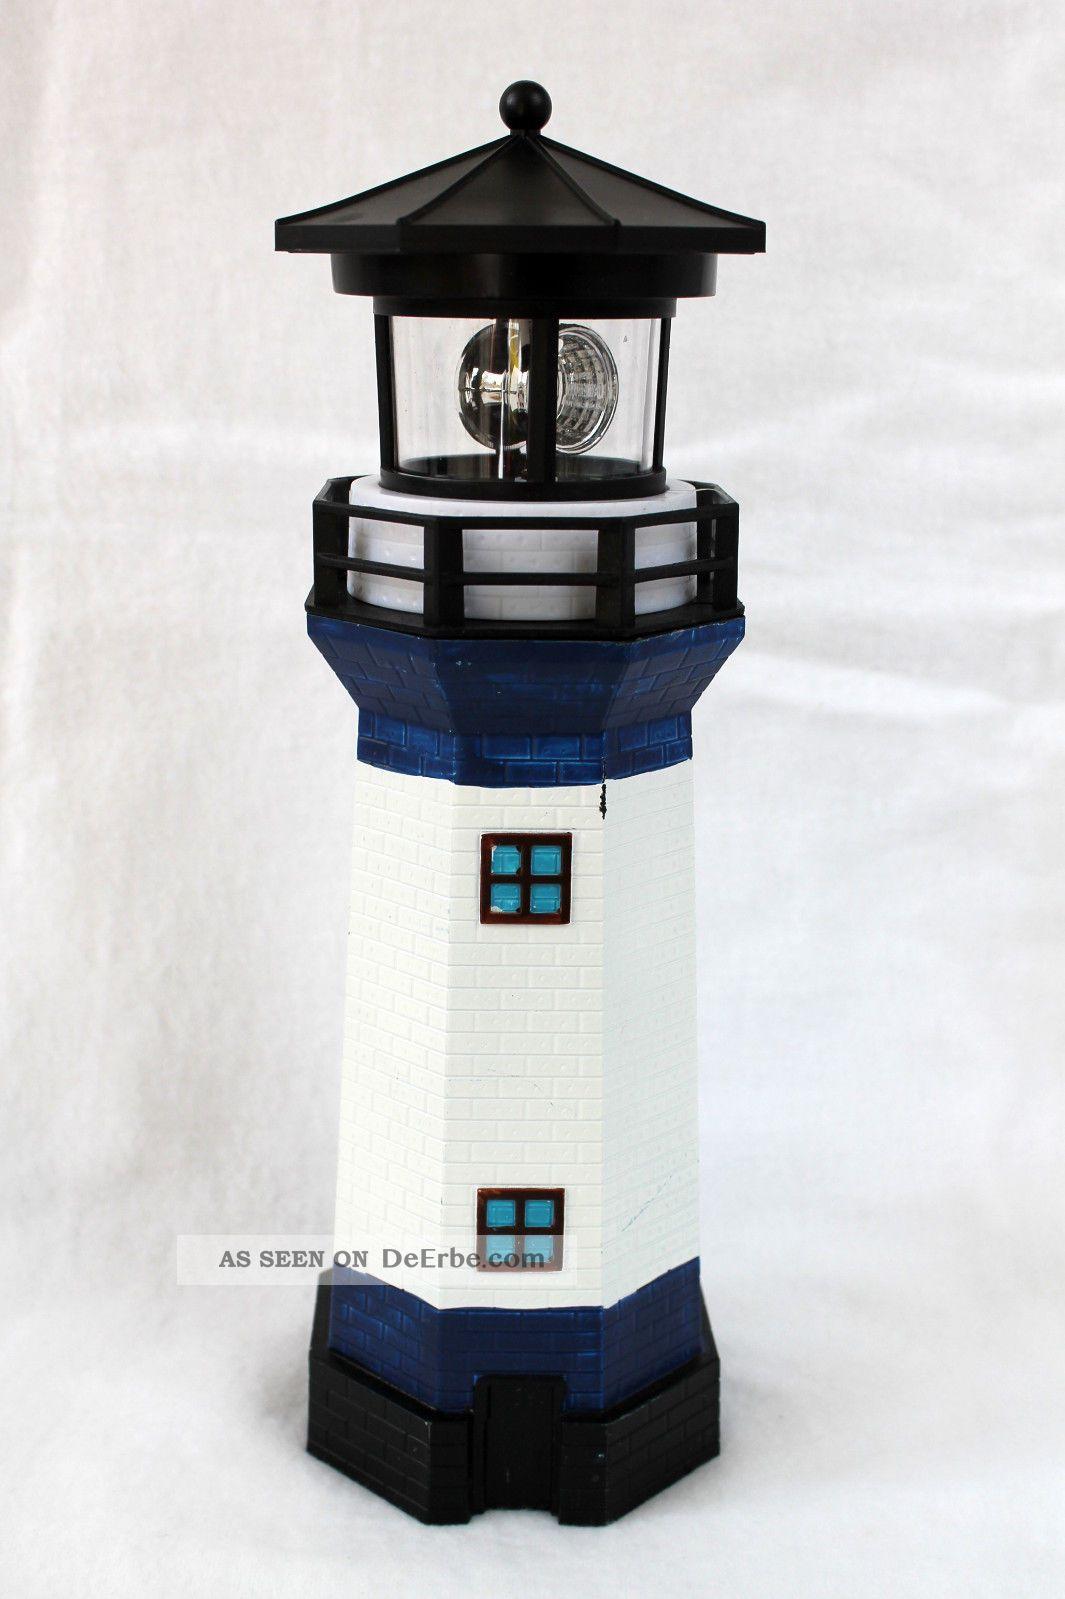 Solar Leuchtturm Blau  Weiss Rotierendes Led  Licht 28 Cm